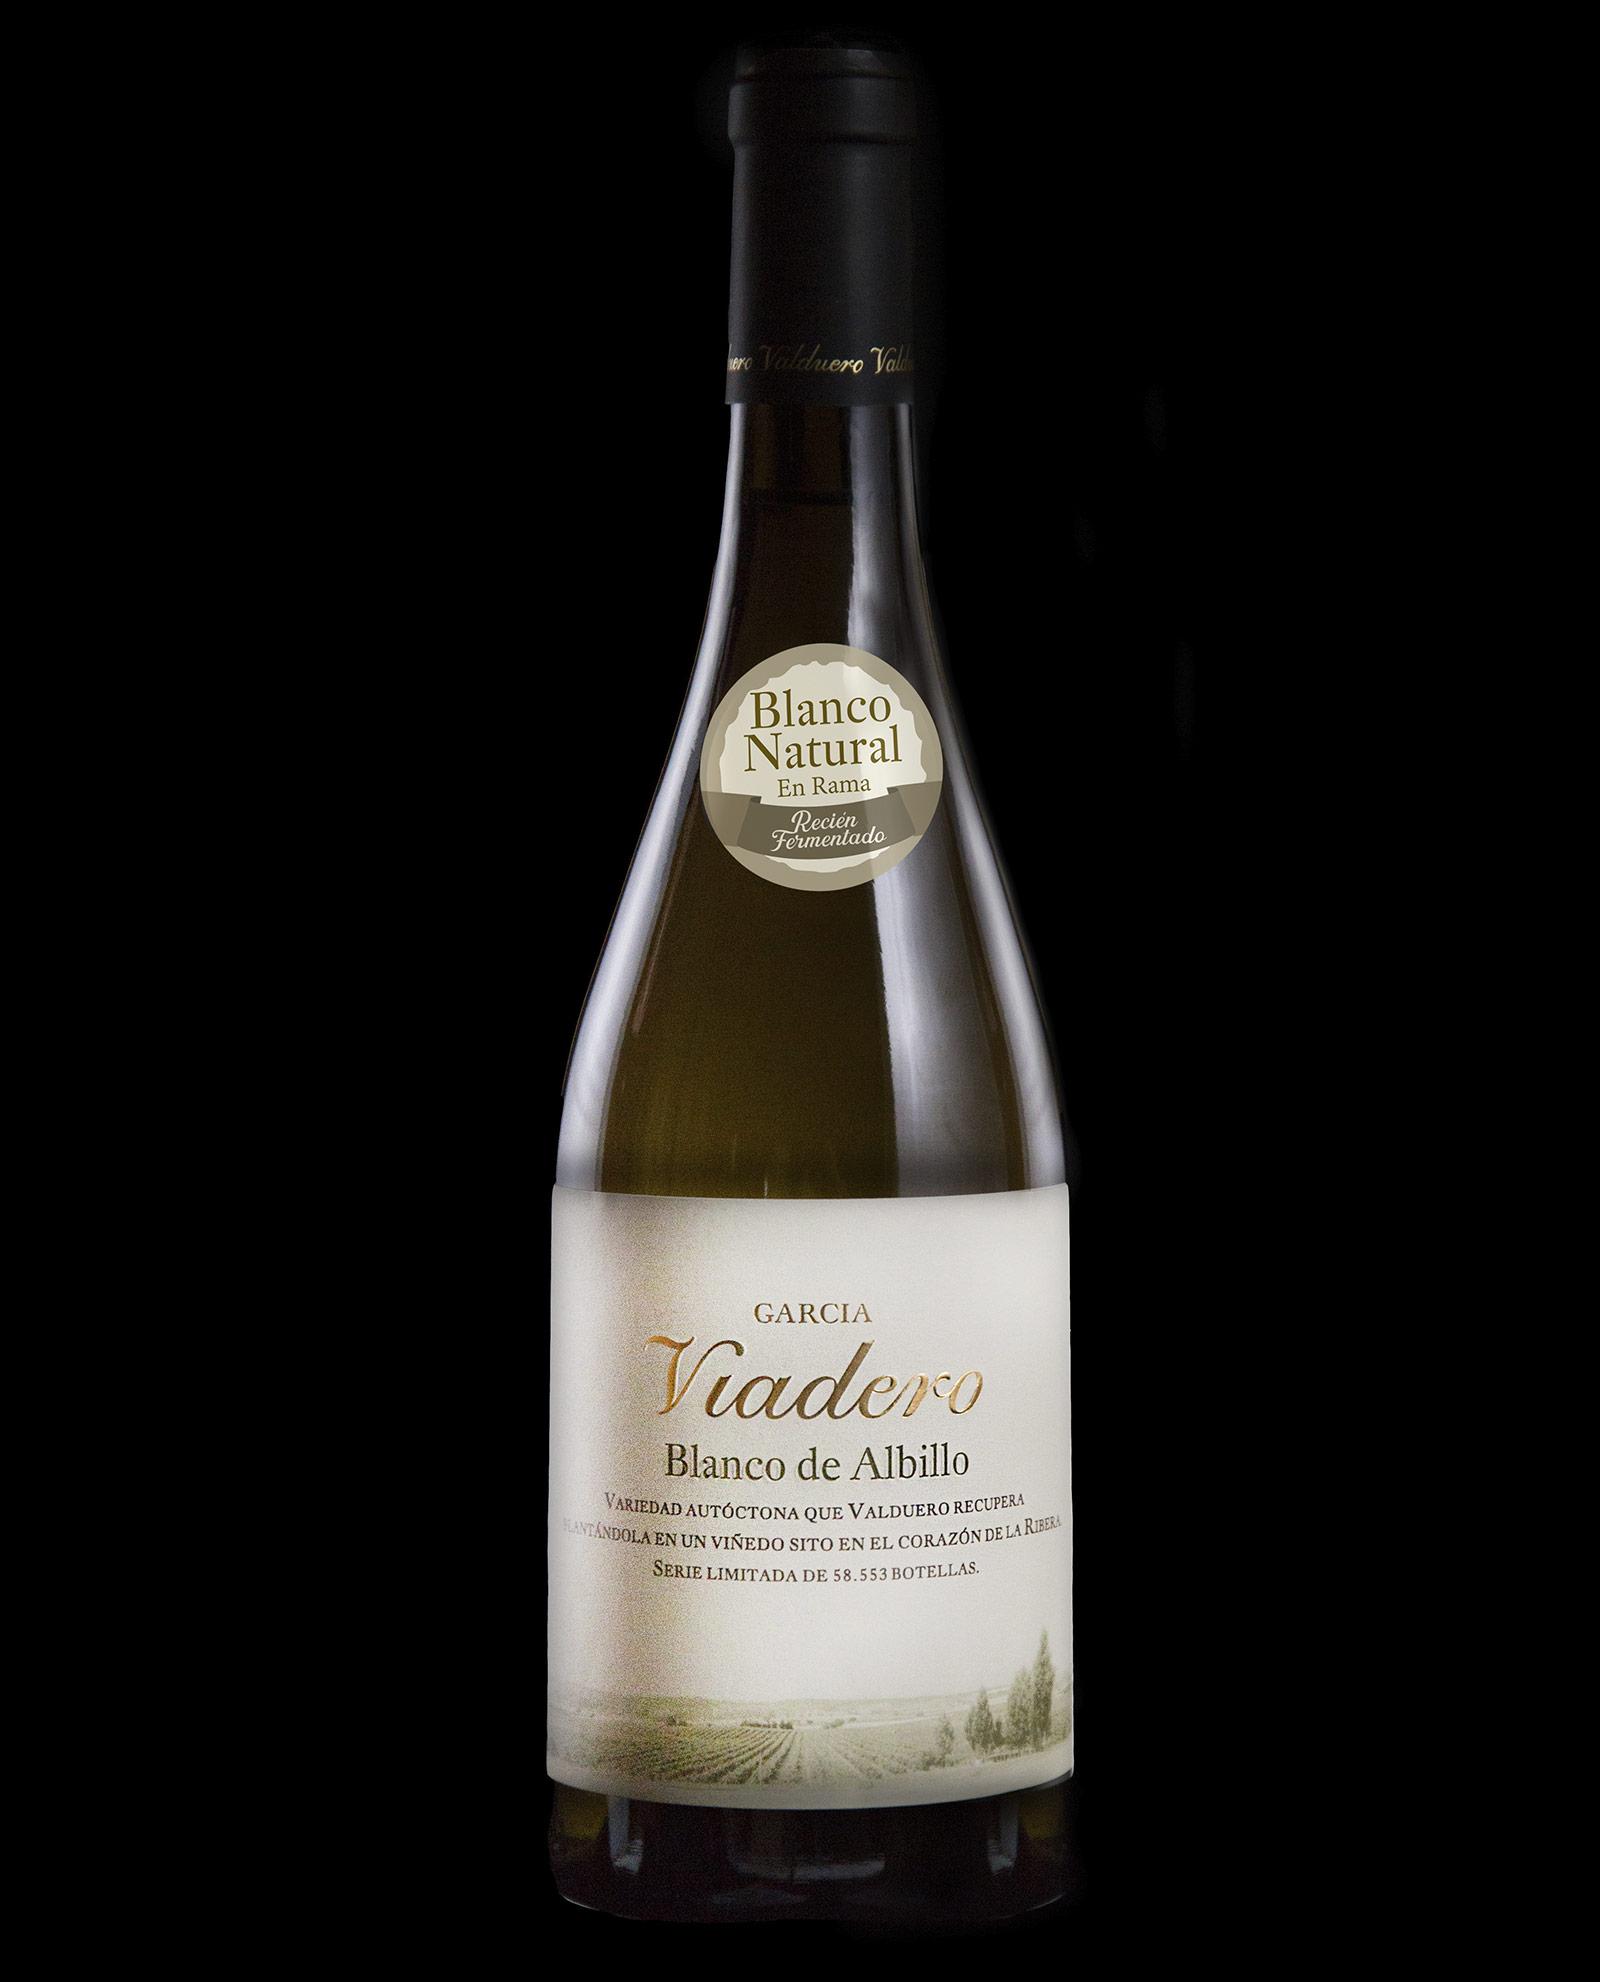 Botella de vIno blanco García Viadero